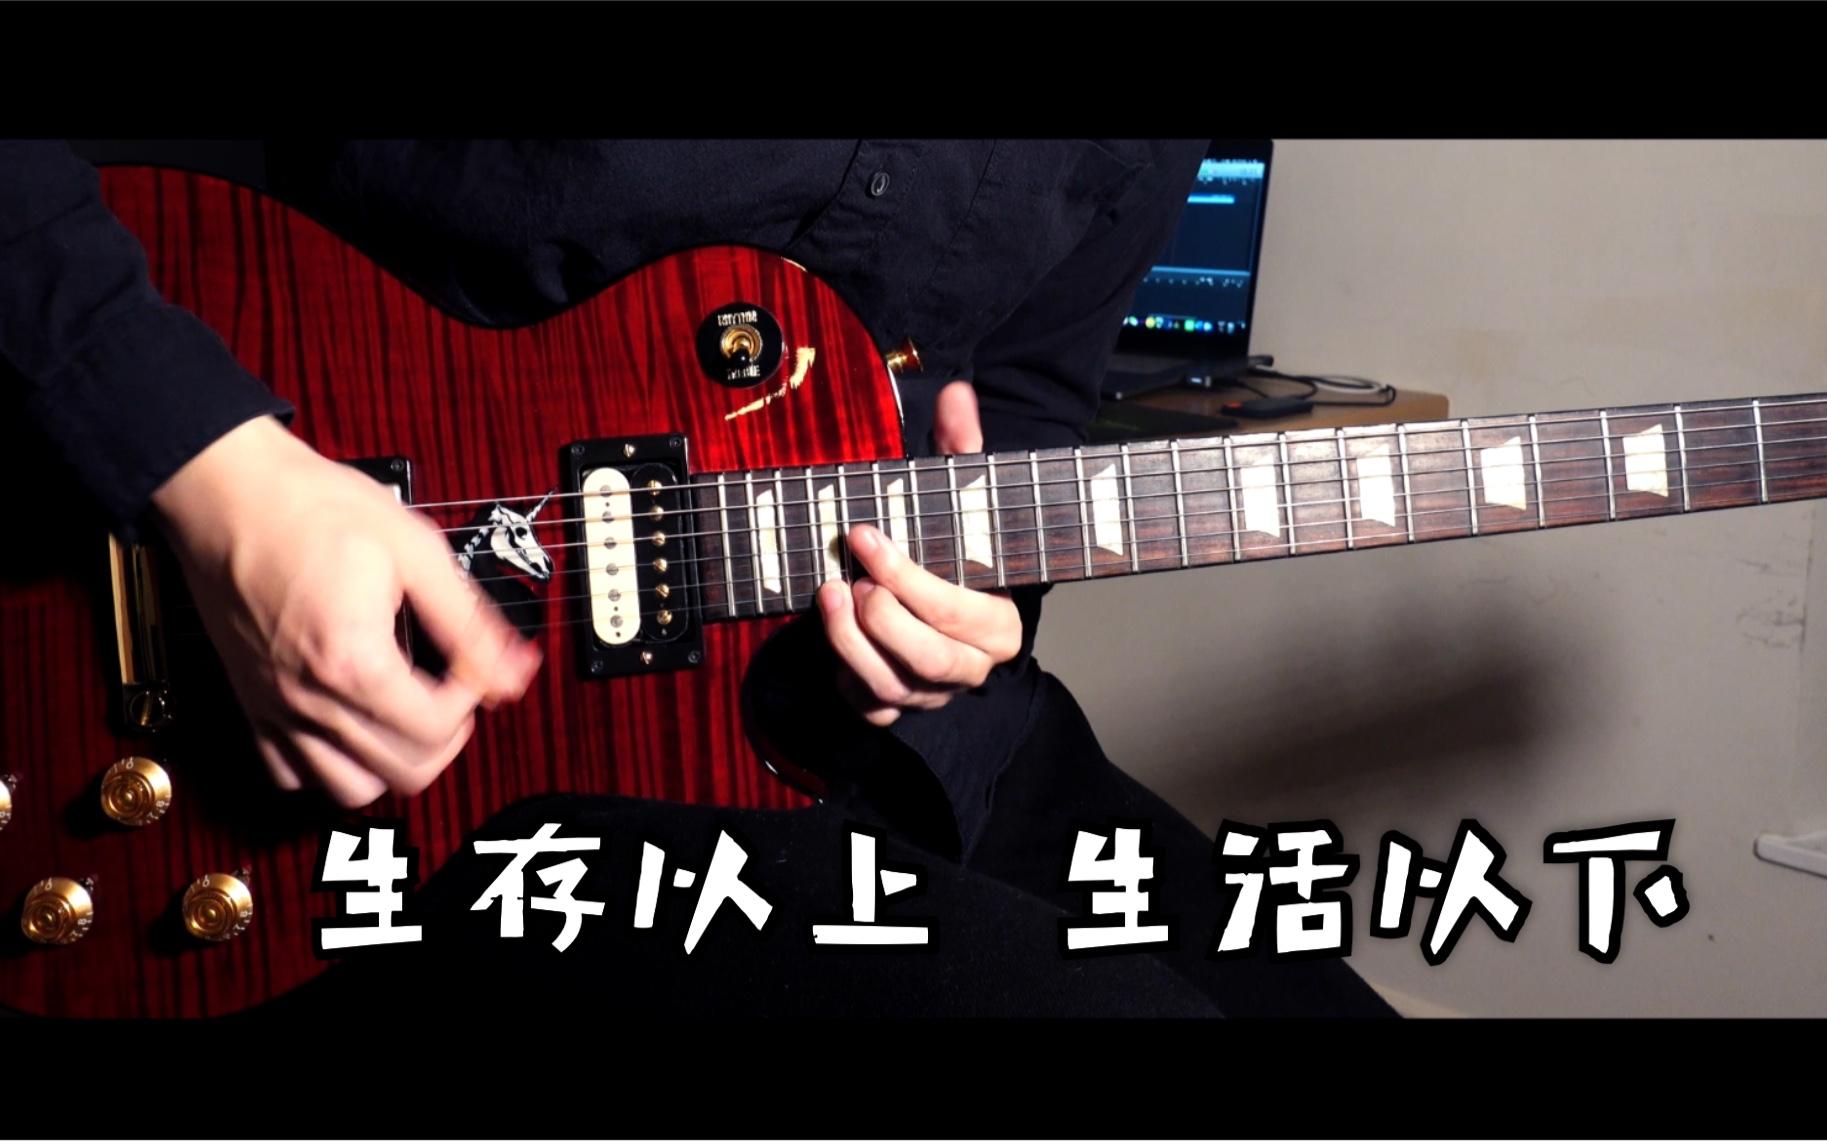 【五月天】生存以上 生活以下 電吉他 sevenly cover_嗶哩嗶哩 (゜-゜)つロ 干杯~-bilibili